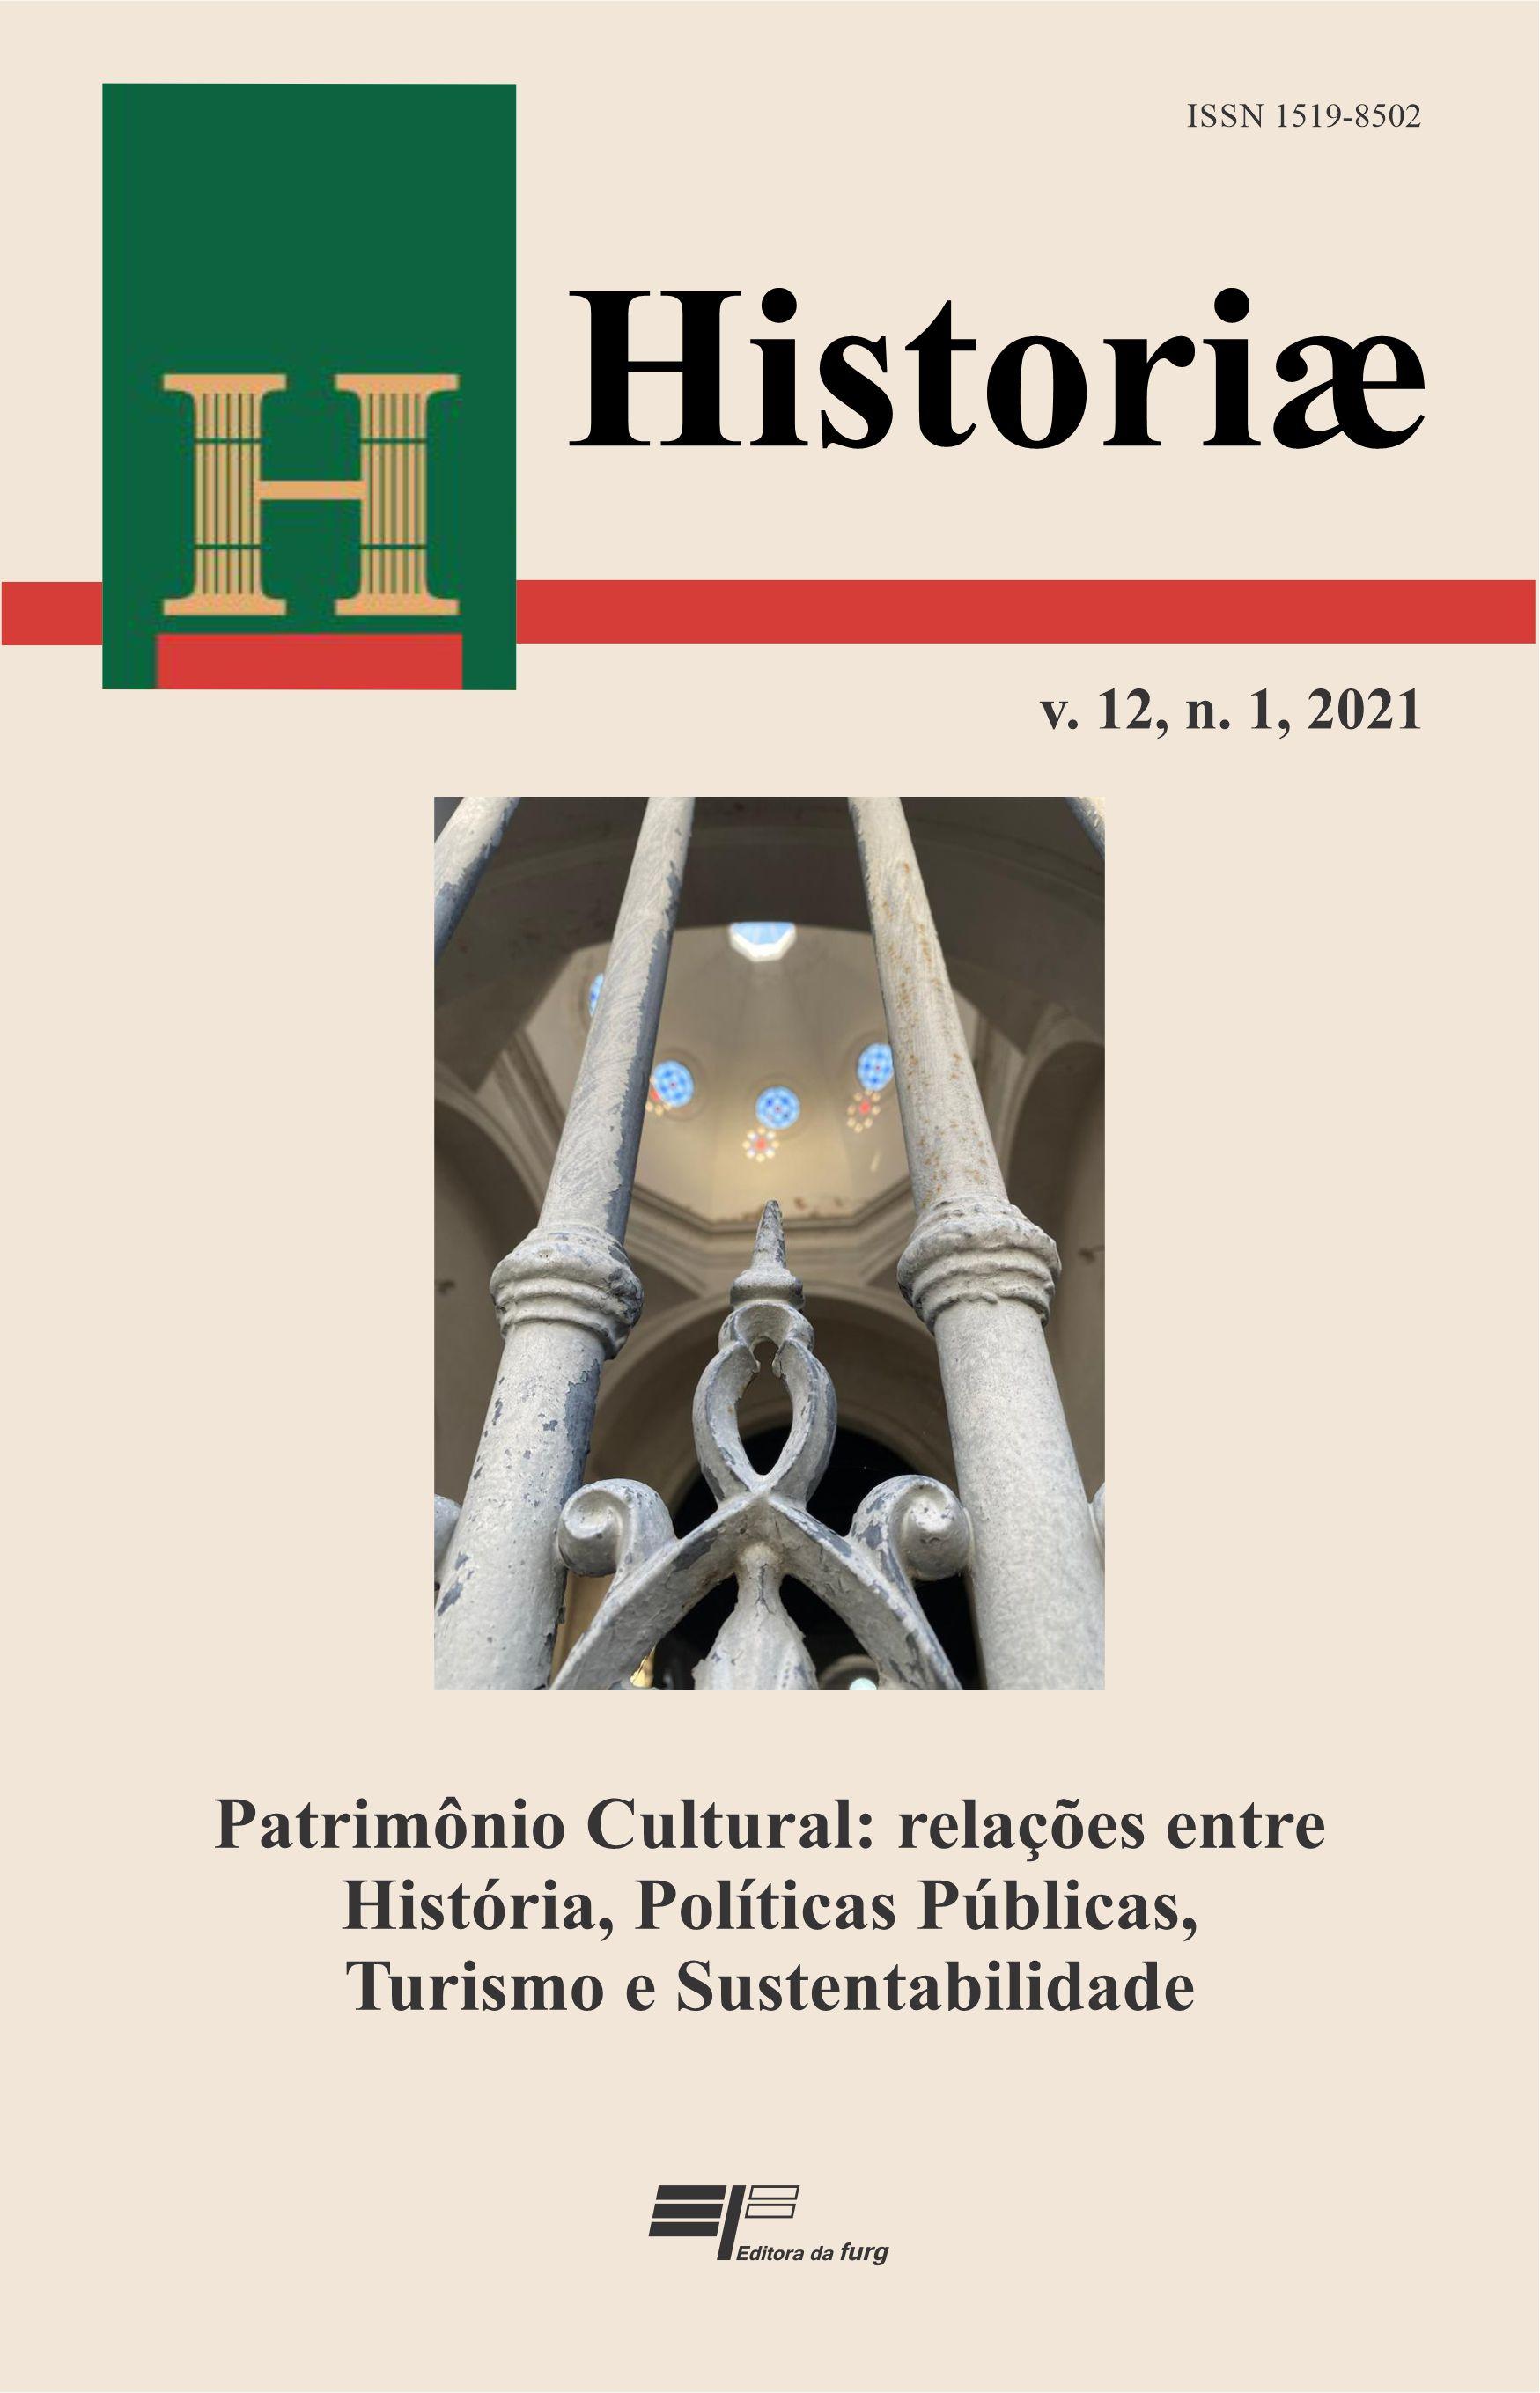 Visualizar v. 12 n. 1 (2021): Patrimônio Cultural: relações entre História, Políticas Públicas, Turismo e Sustentabilidade